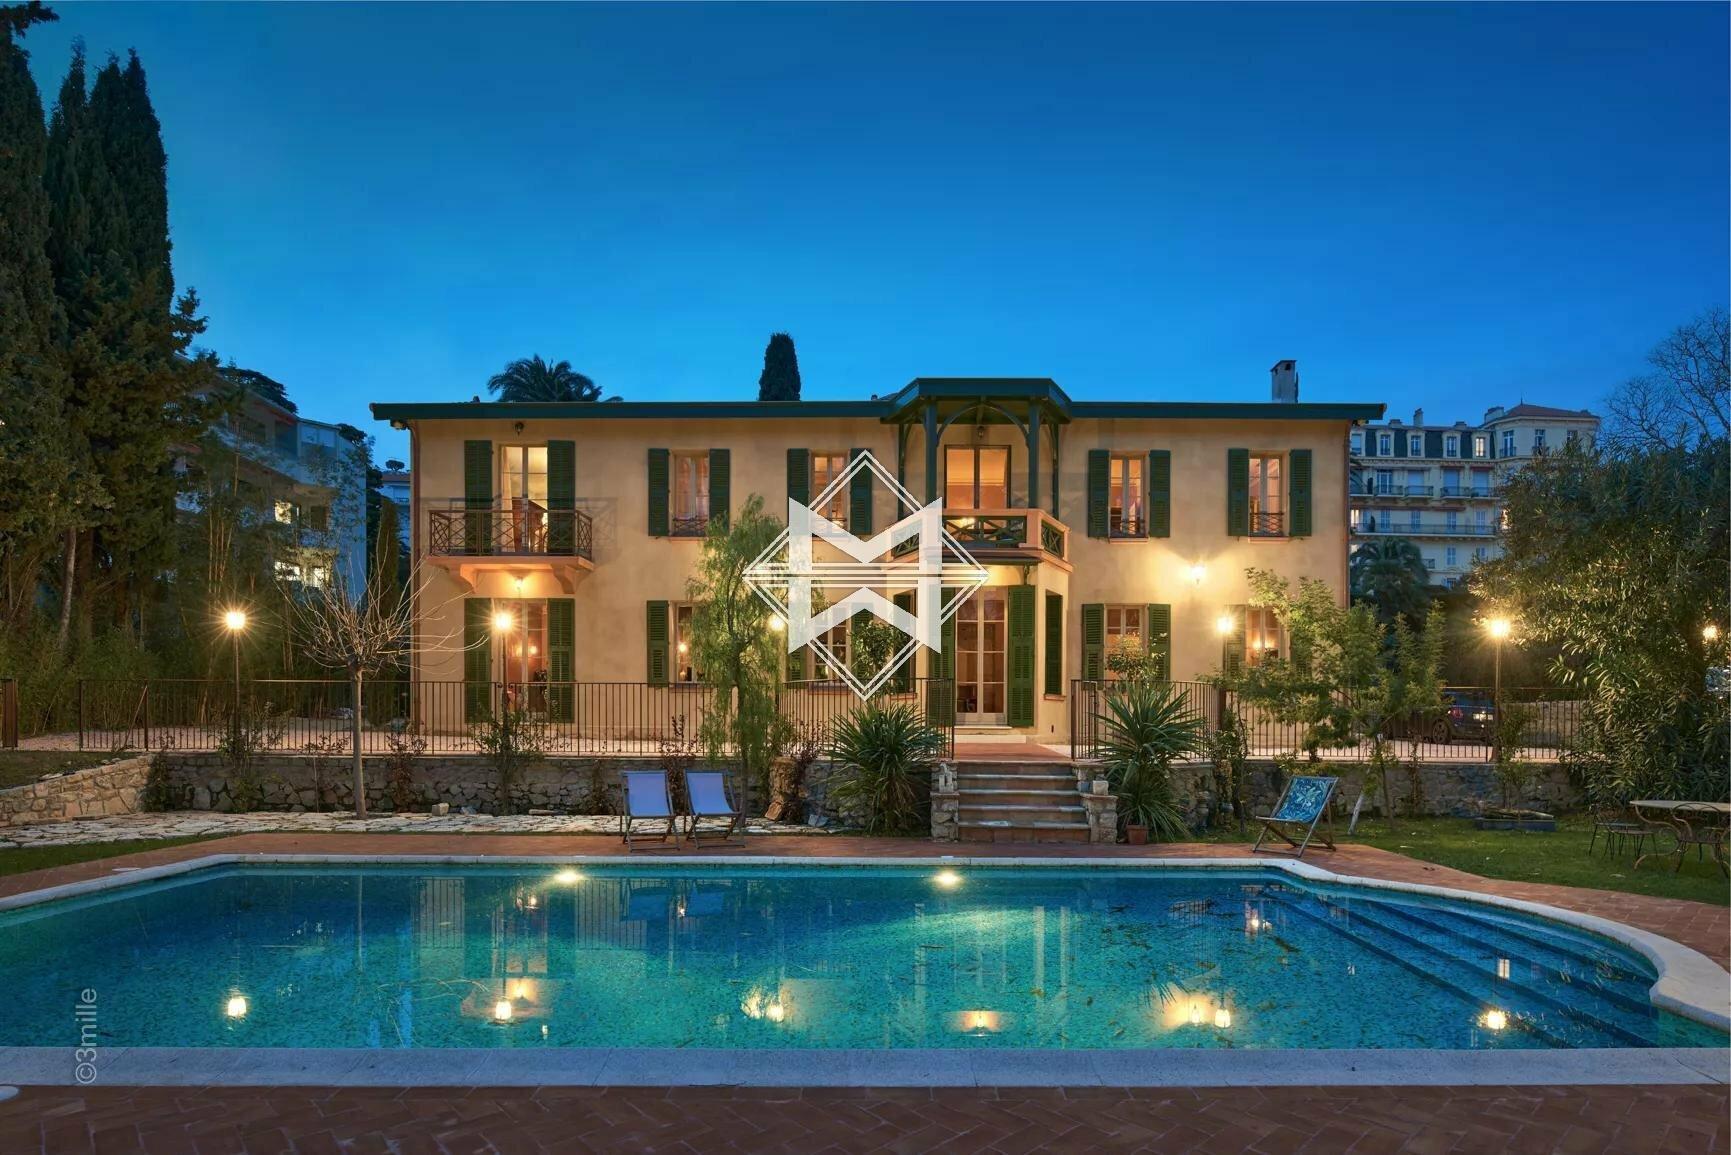 Villa in Cannes, Provence-Alpes-Côte d'Azur, France 1 - 11148966